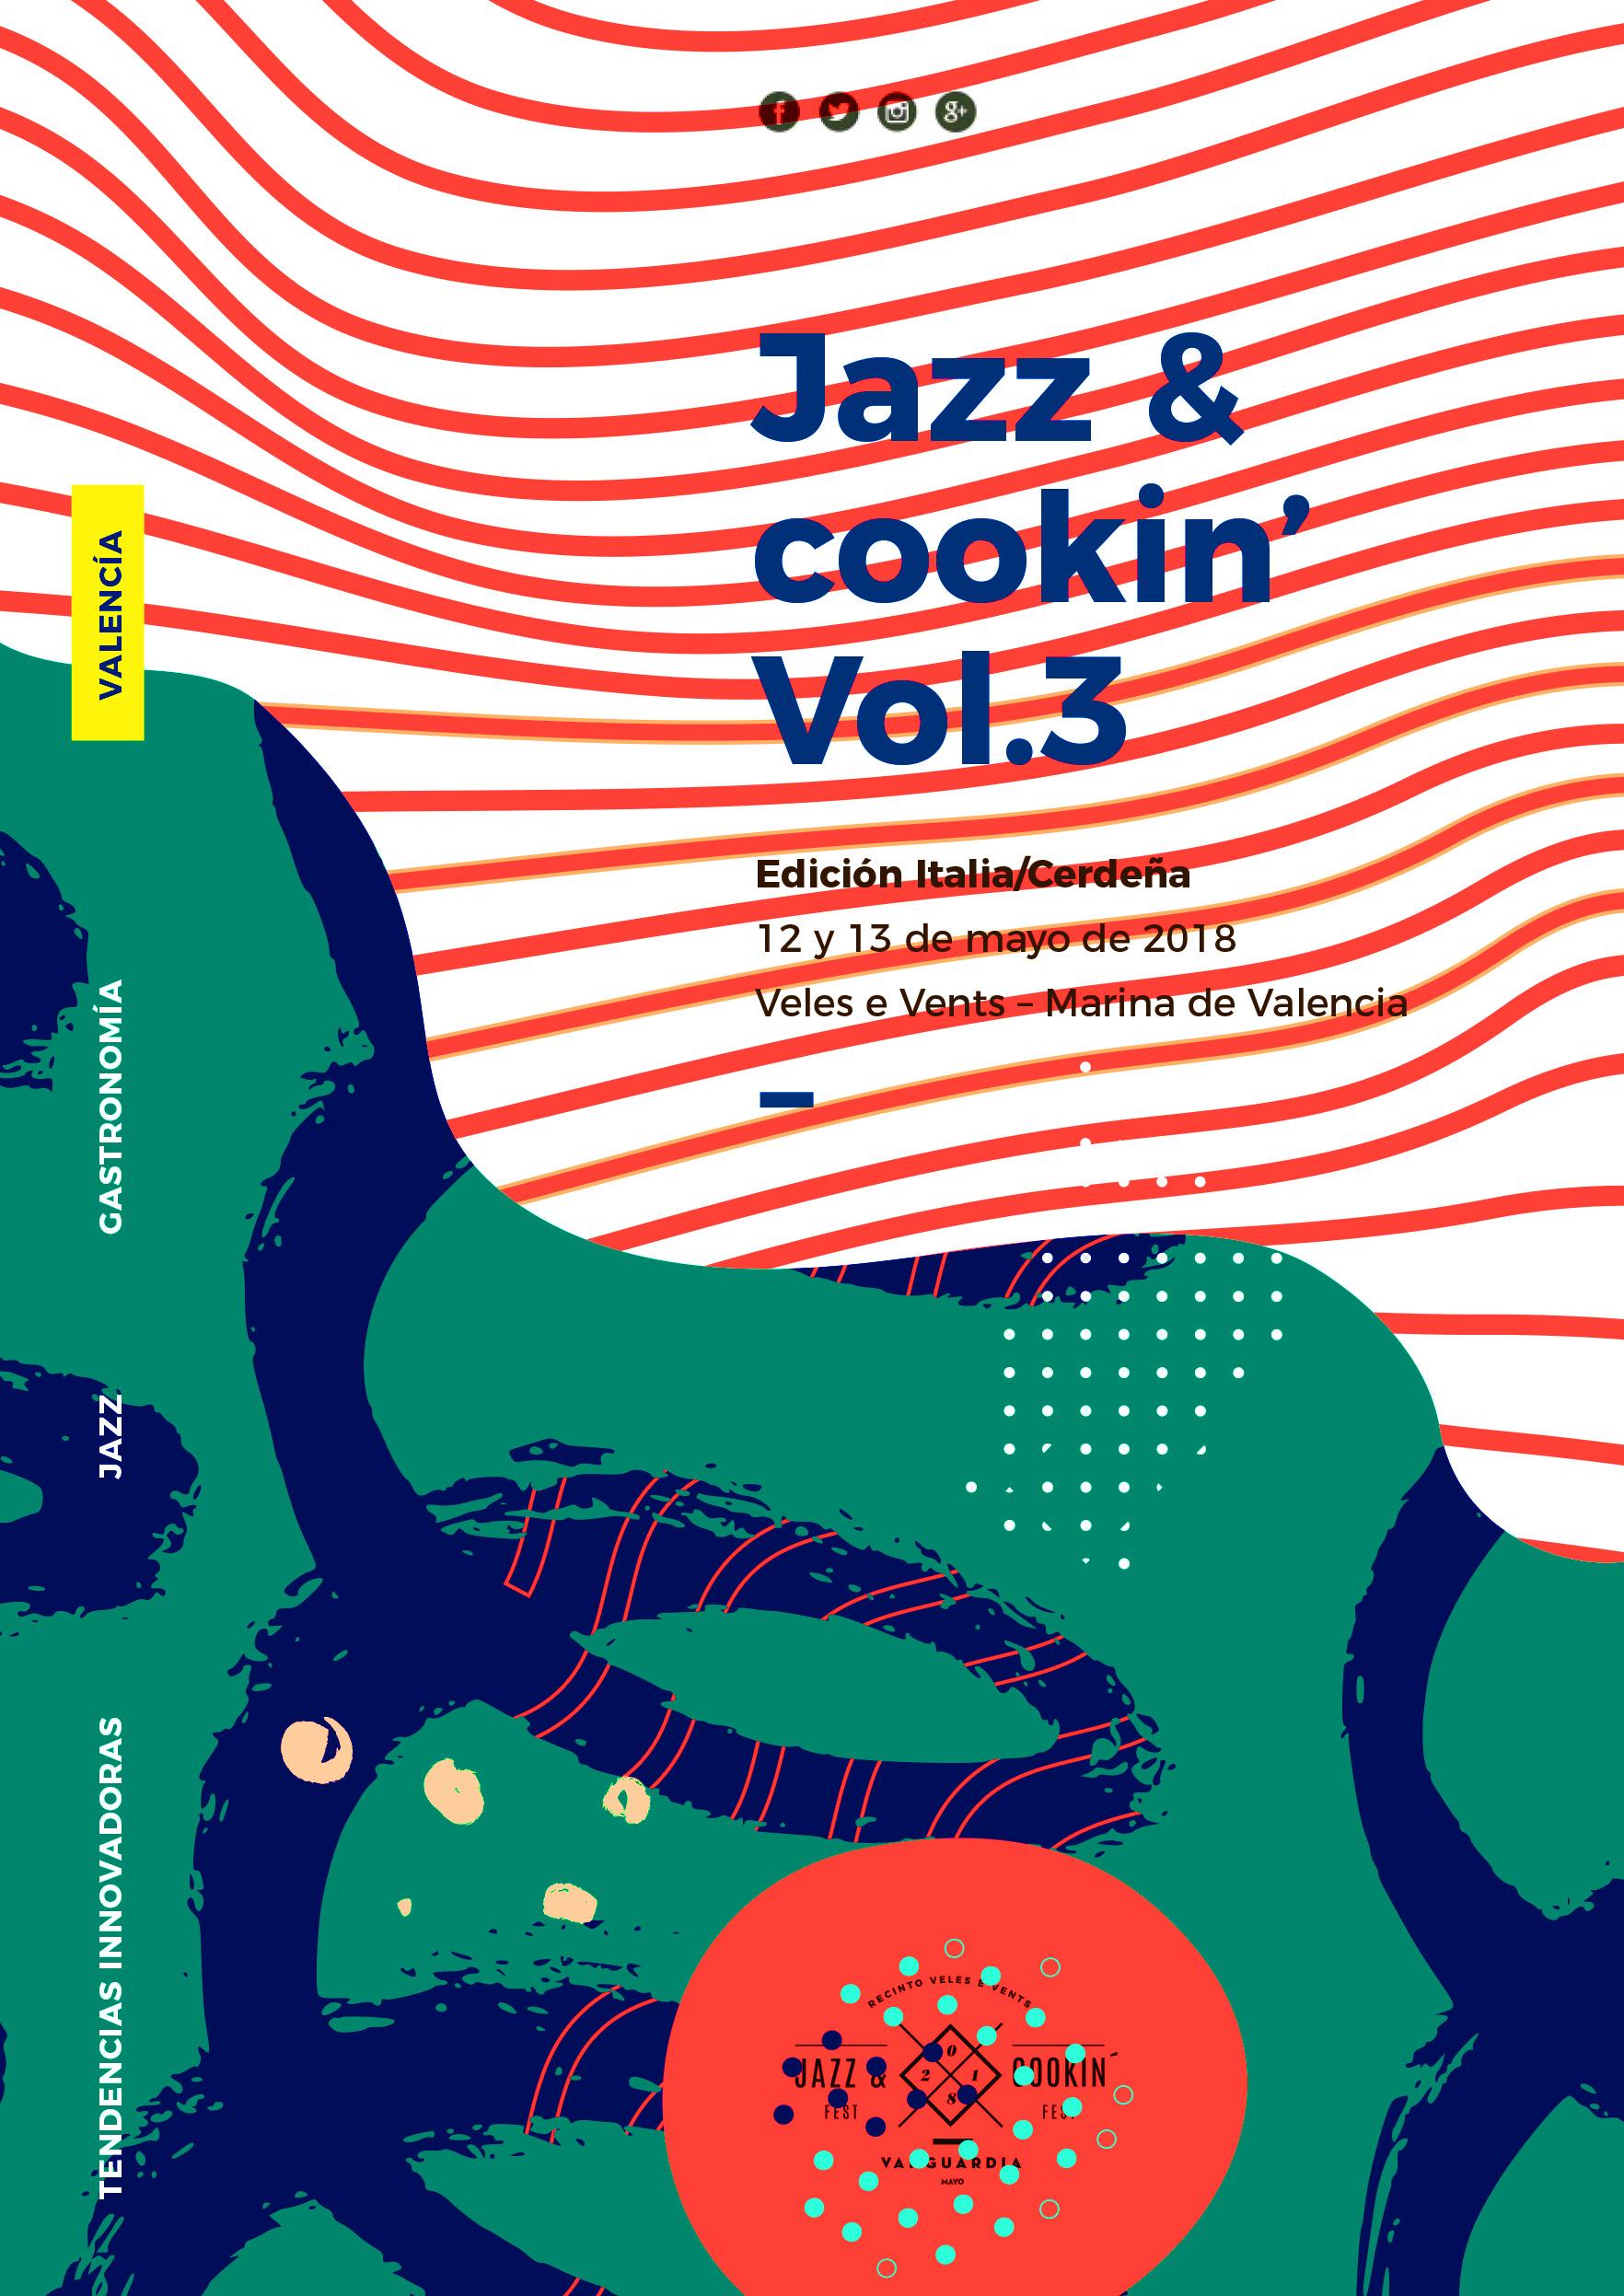 Jazz & Cookin' está presente en Fitur